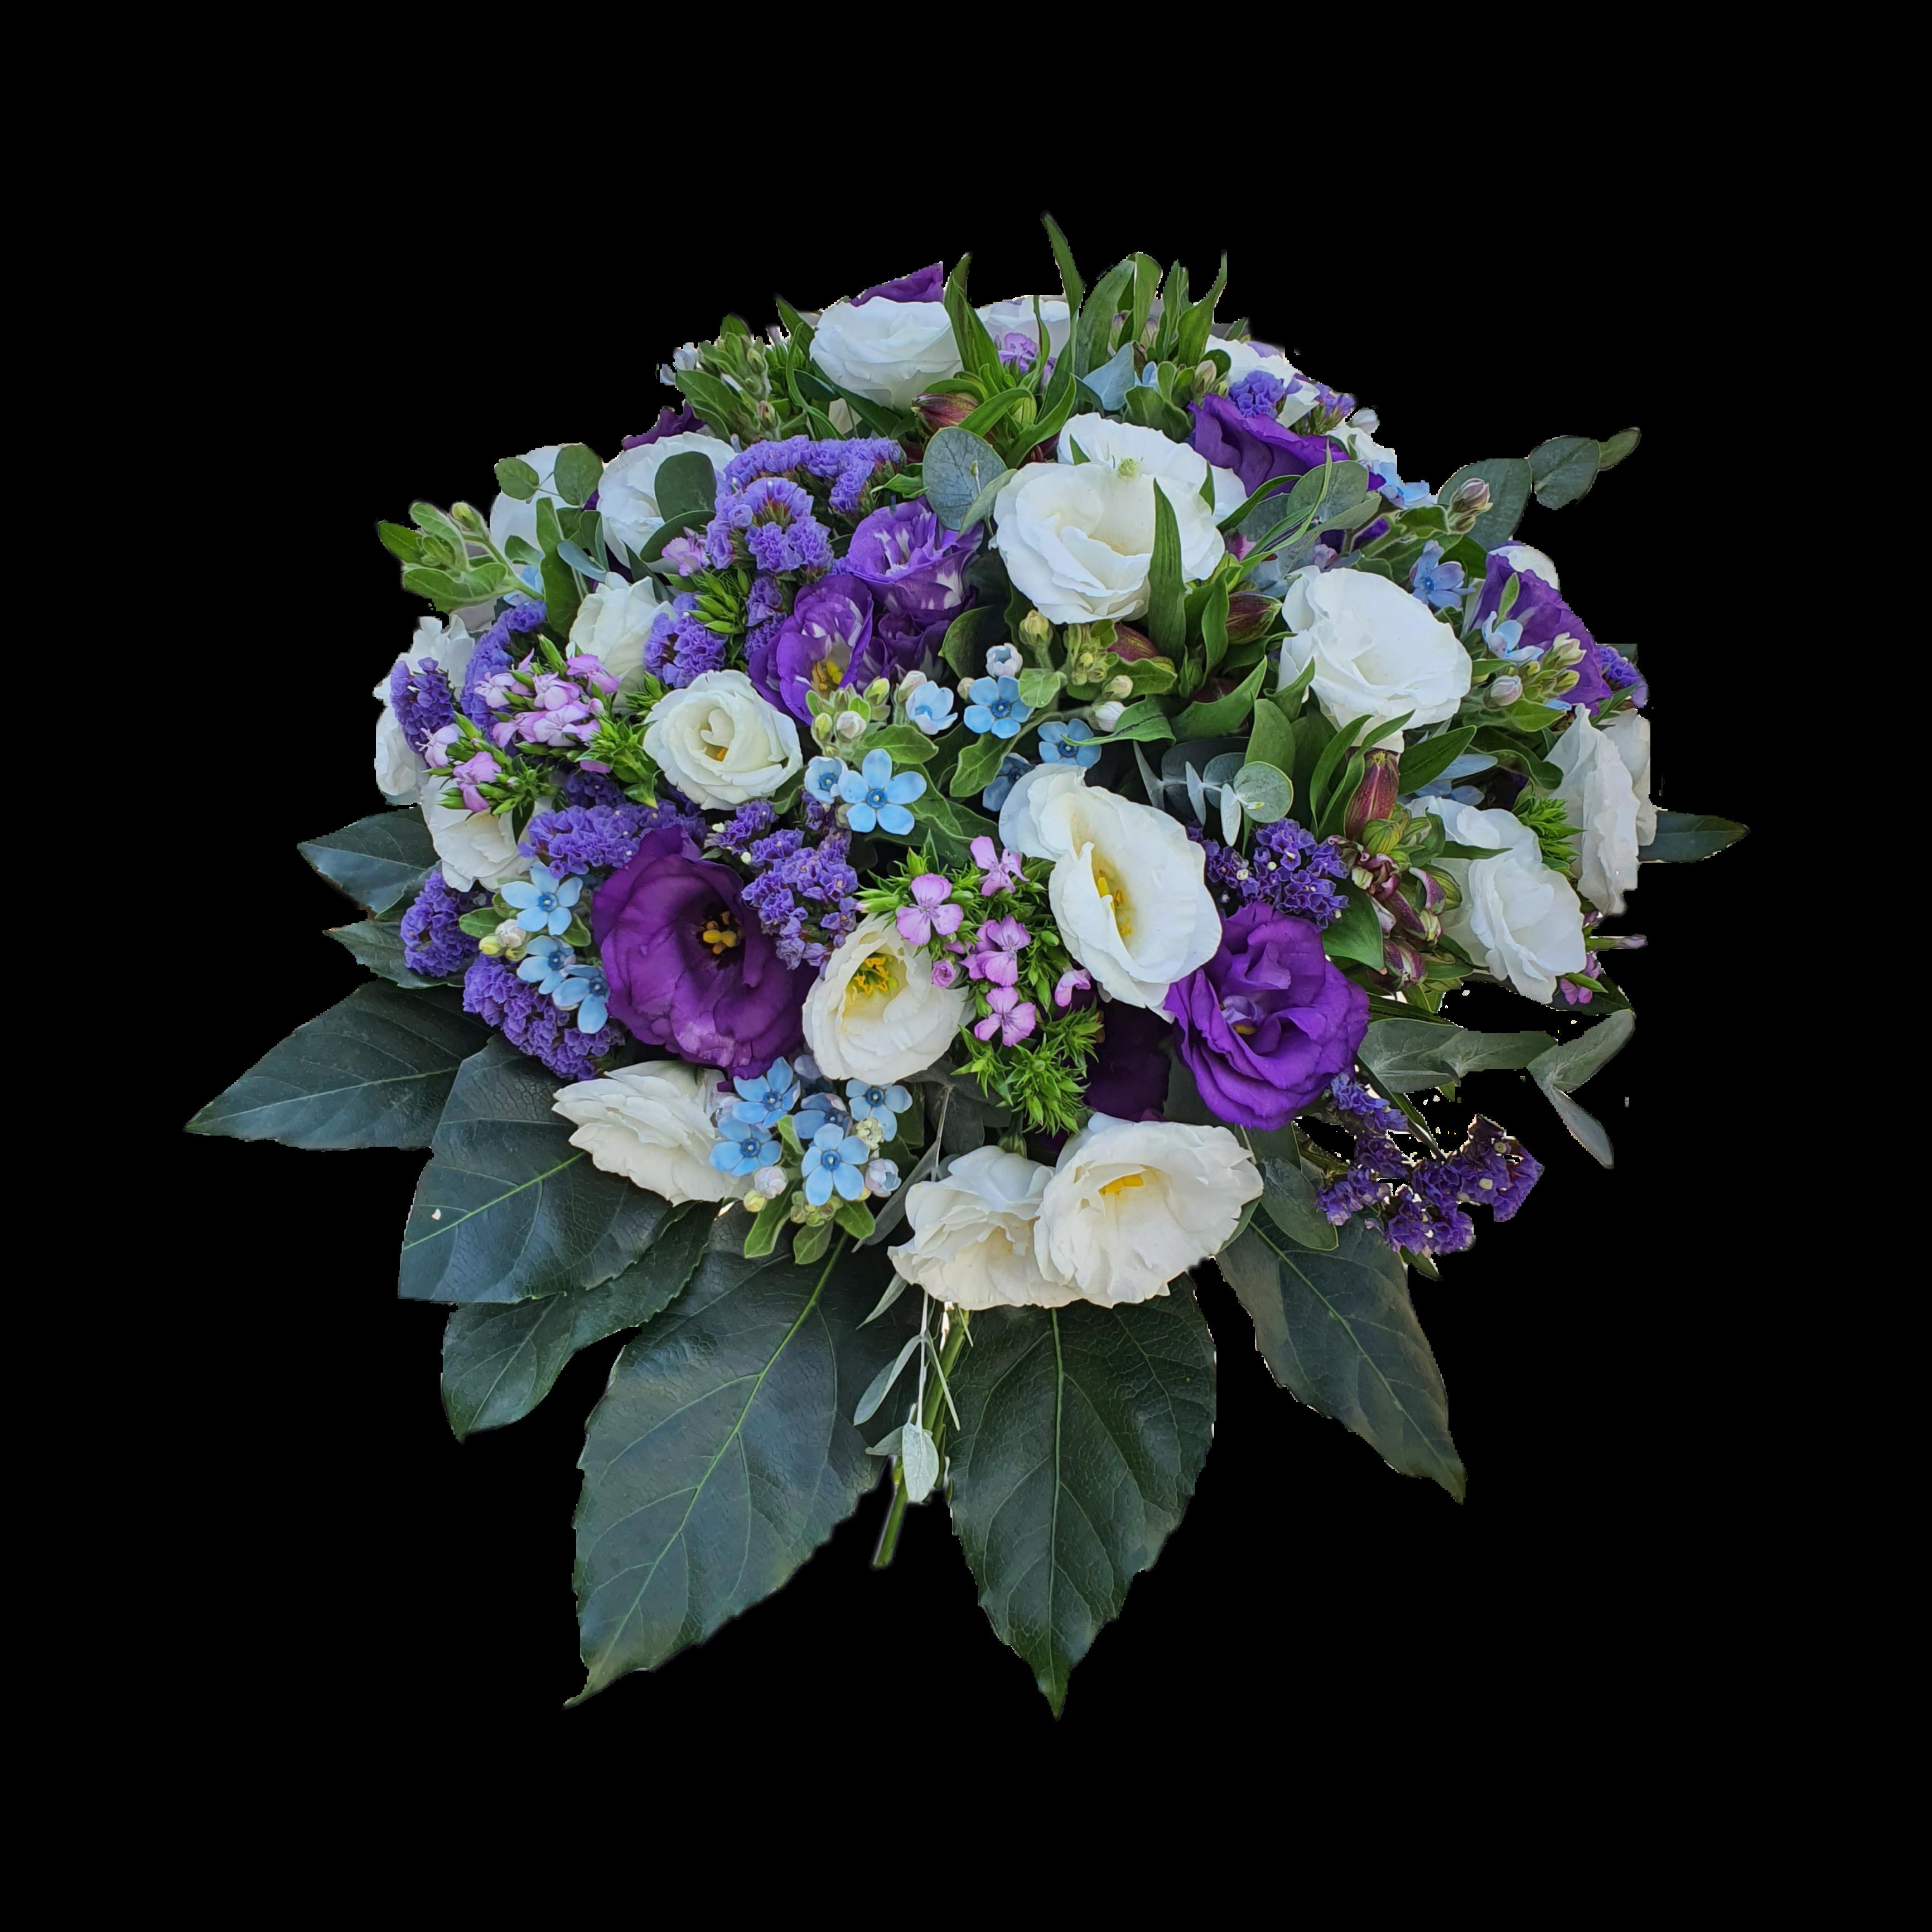 אין מתנה קלאסית ומרגשת יותר מאשר לקבל בהפתעה זר פרחים מעוצב וריחני.